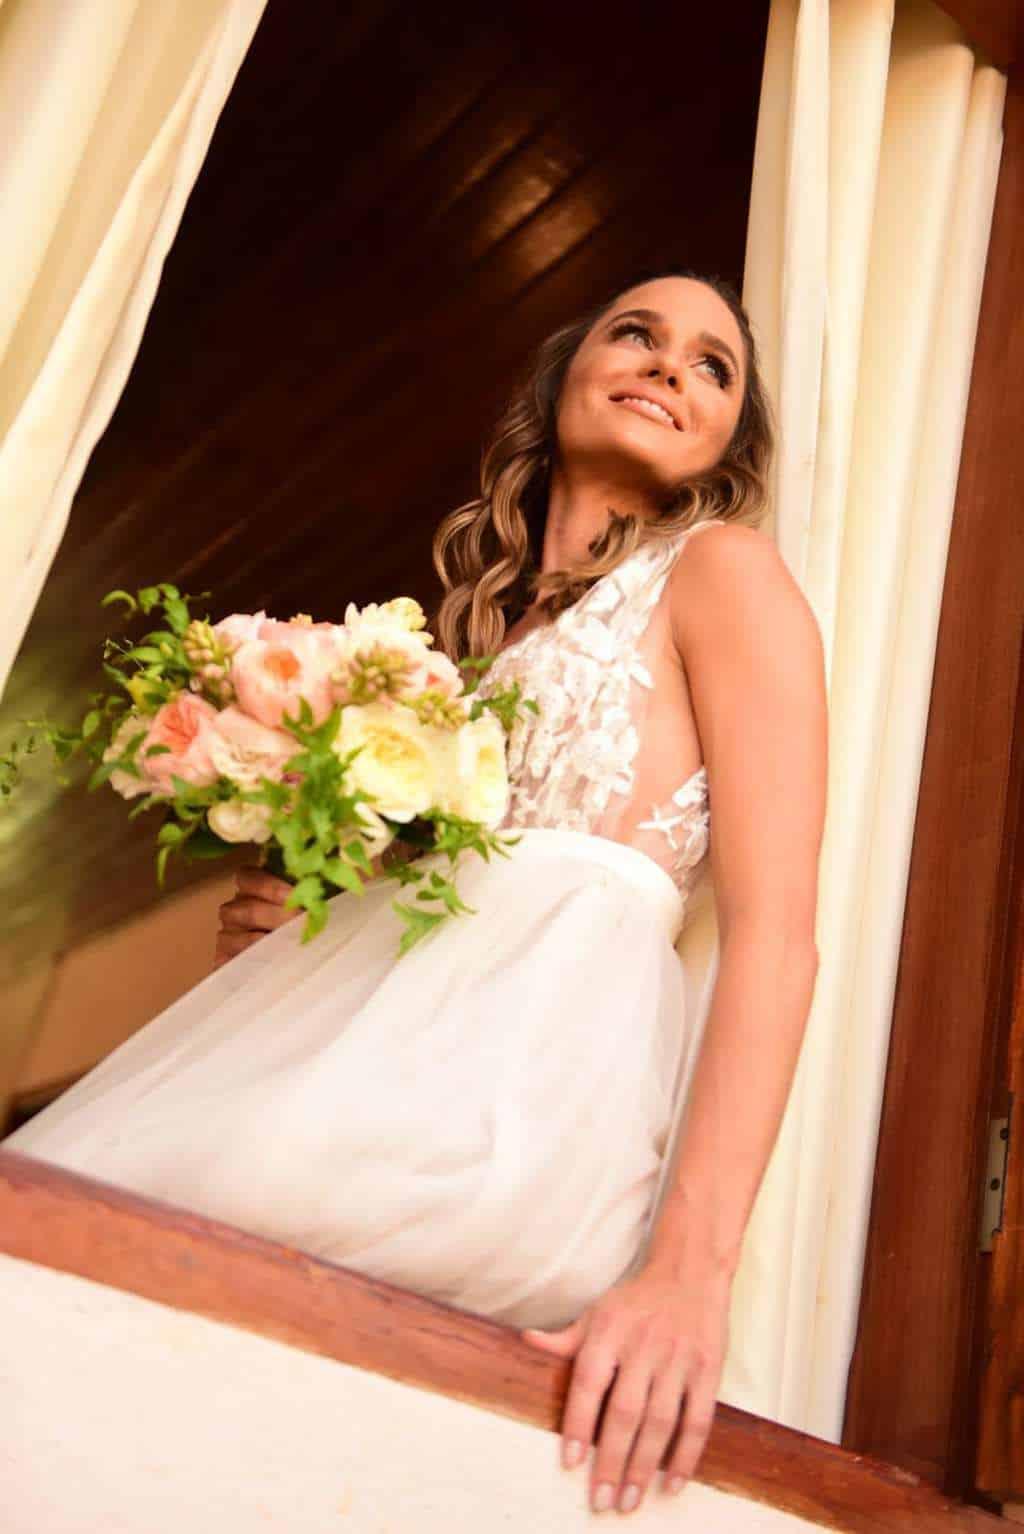 casamento-boho-Casamento-Nicolle-e-Pedro-casamento-rosa-Estalagem-Alter-Real-Fotografia-Estudio-Maria-Celia-Siqueira-Fotografia-Rosana-Sales-Goiania-56